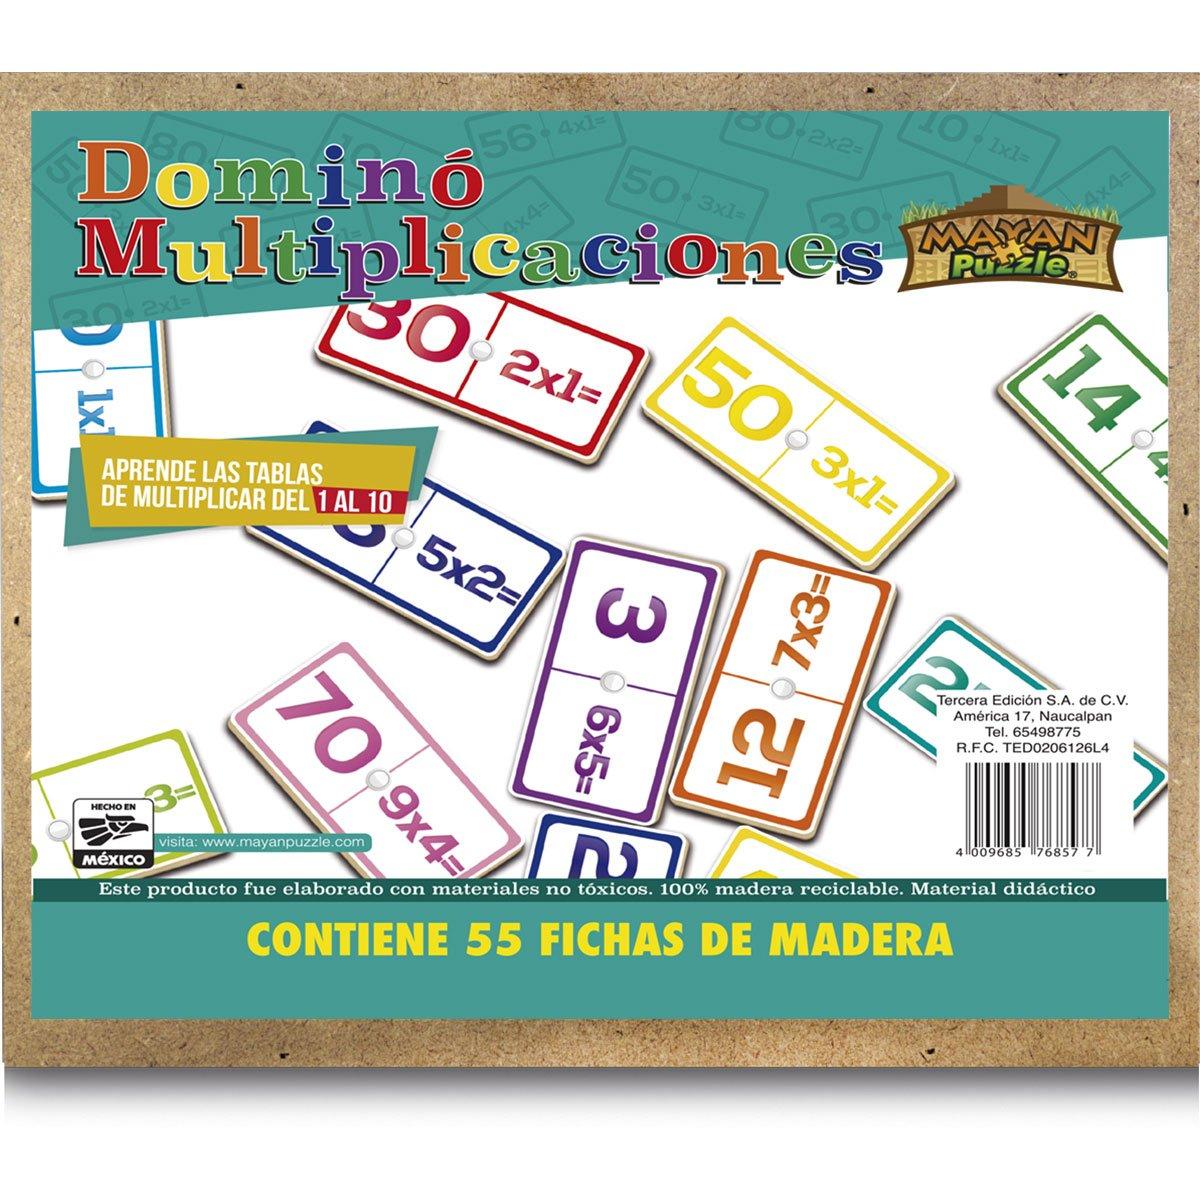 DOMINÓ MULTIPLICACIONES TERCERA EDICION | SEARS.COM.MX - Me entiende!